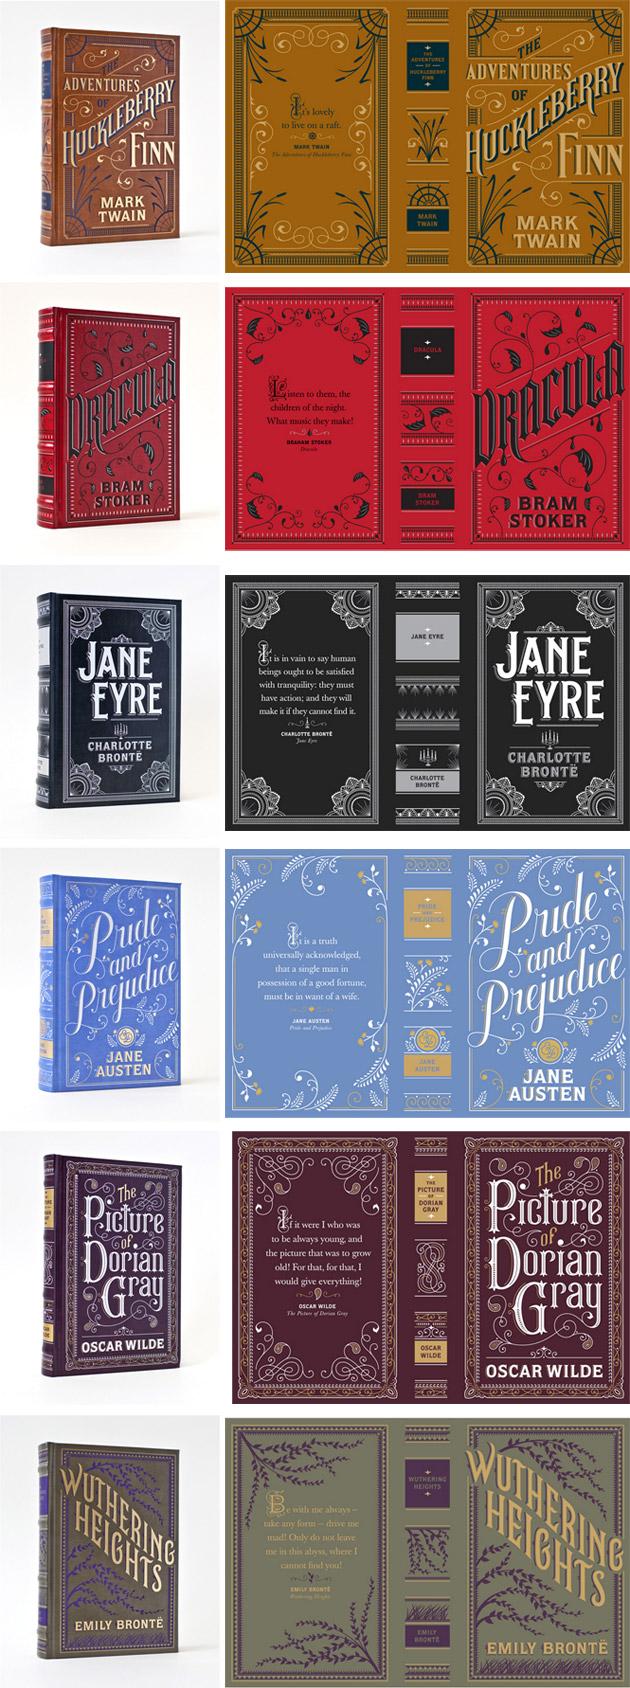 Barnes & Noble classics by Jessica Hische